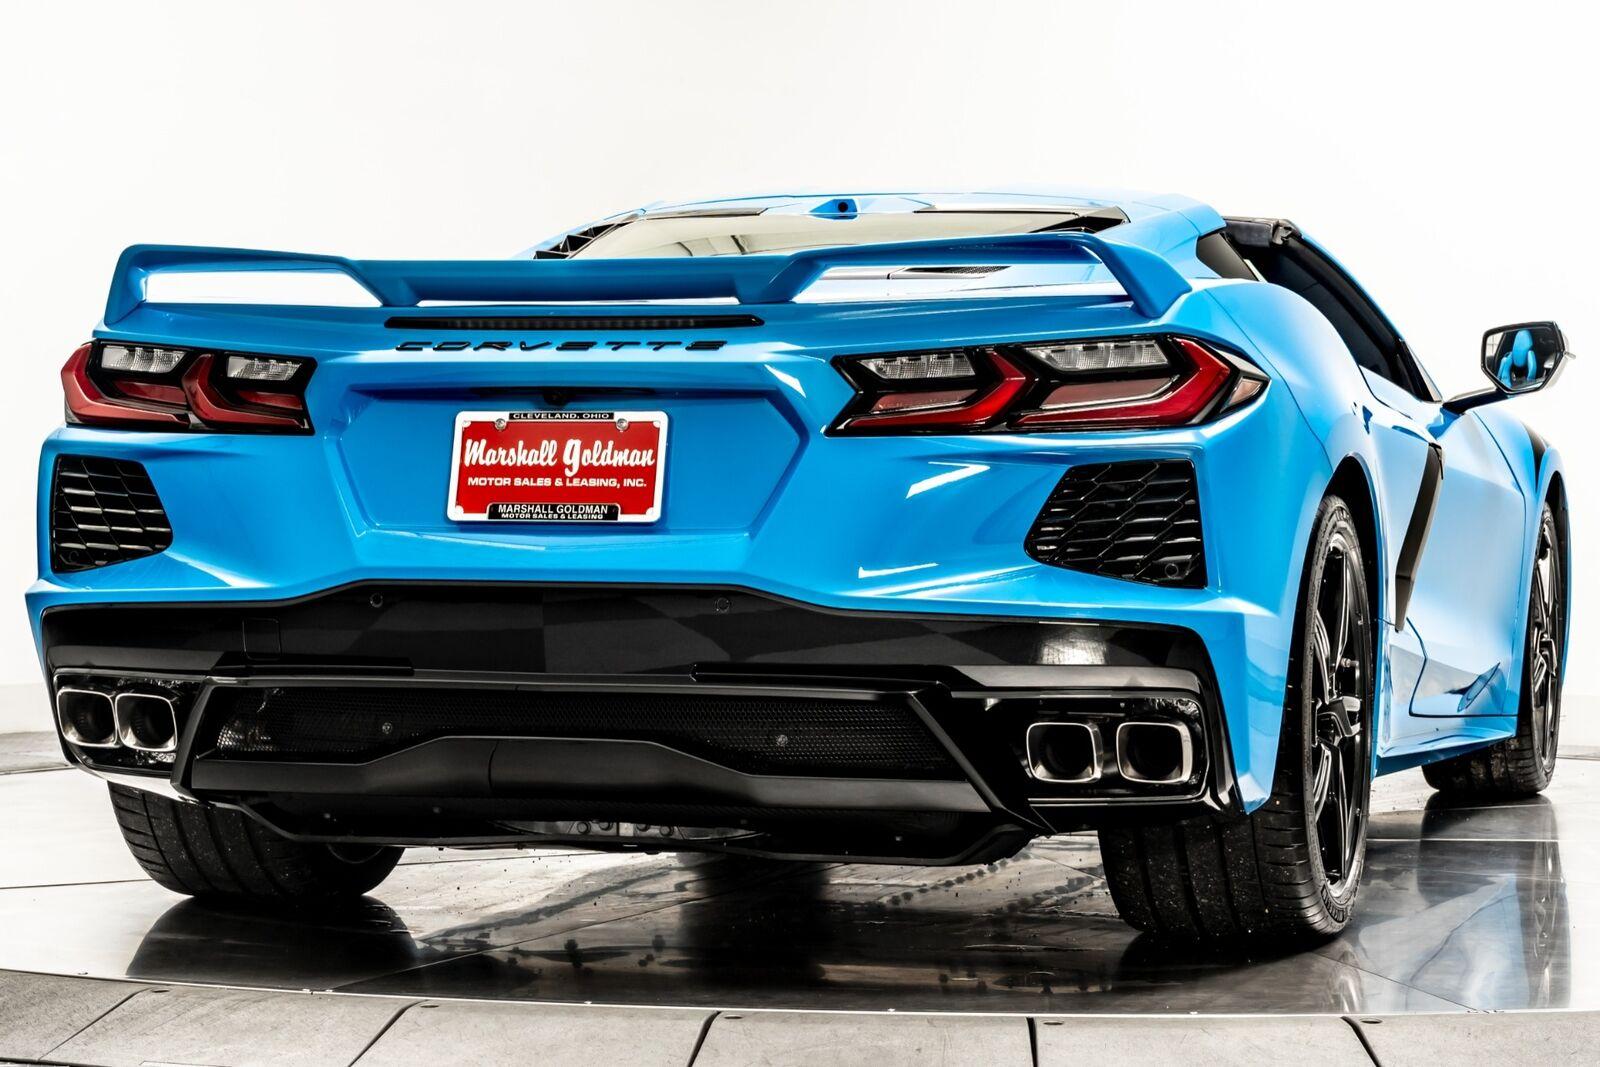 2021 Blue Chevrolet Corvette  3LT   C7 Corvette Photo 8